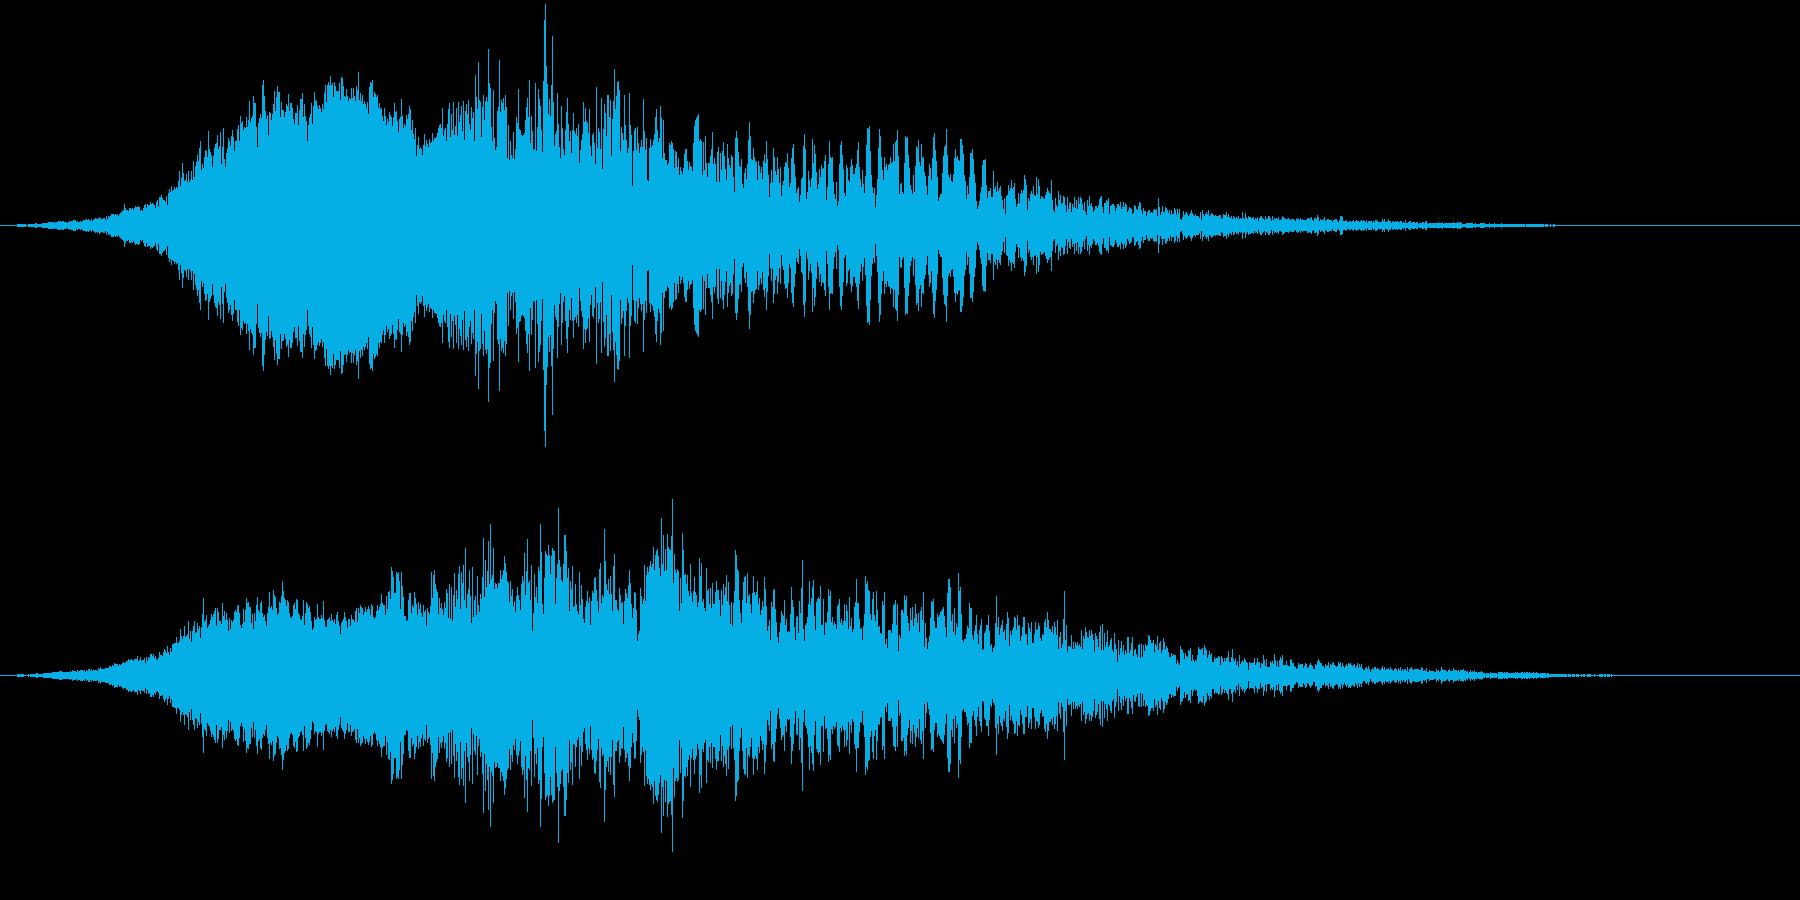 獣が叫ぶような音が緊張感を煽るの再生済みの波形